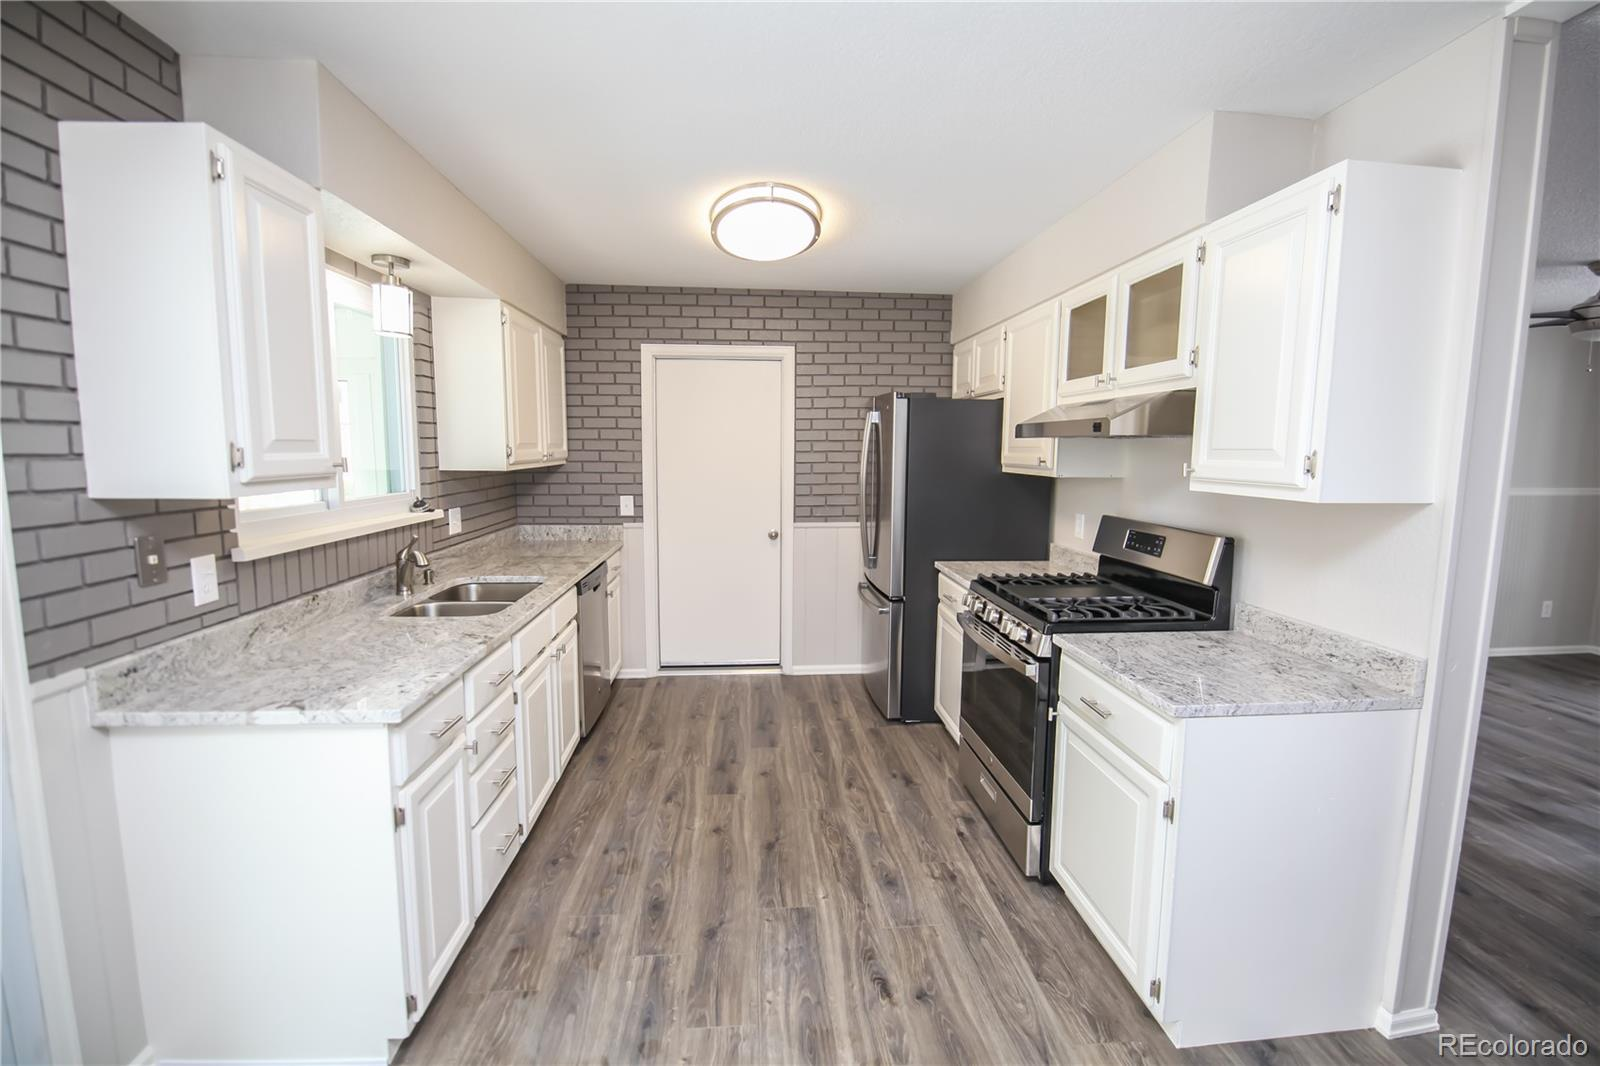 MLS# 6851671 - 7 - 16204 E Vassar Avenue, Aurora, CO 80013